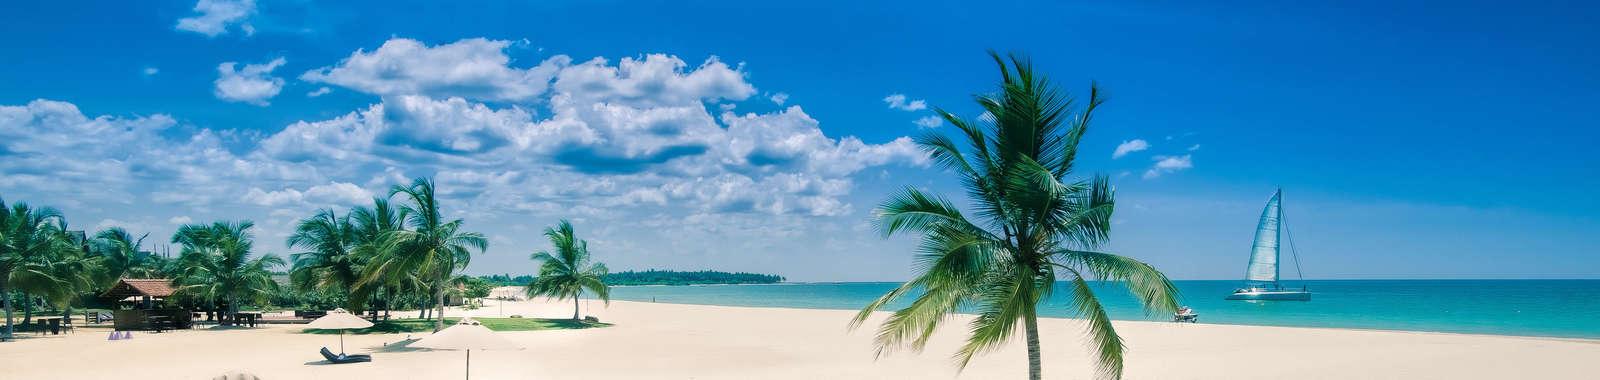 1UgaBaybyUgaEscapes,TrincoEastCoast,SriLanka